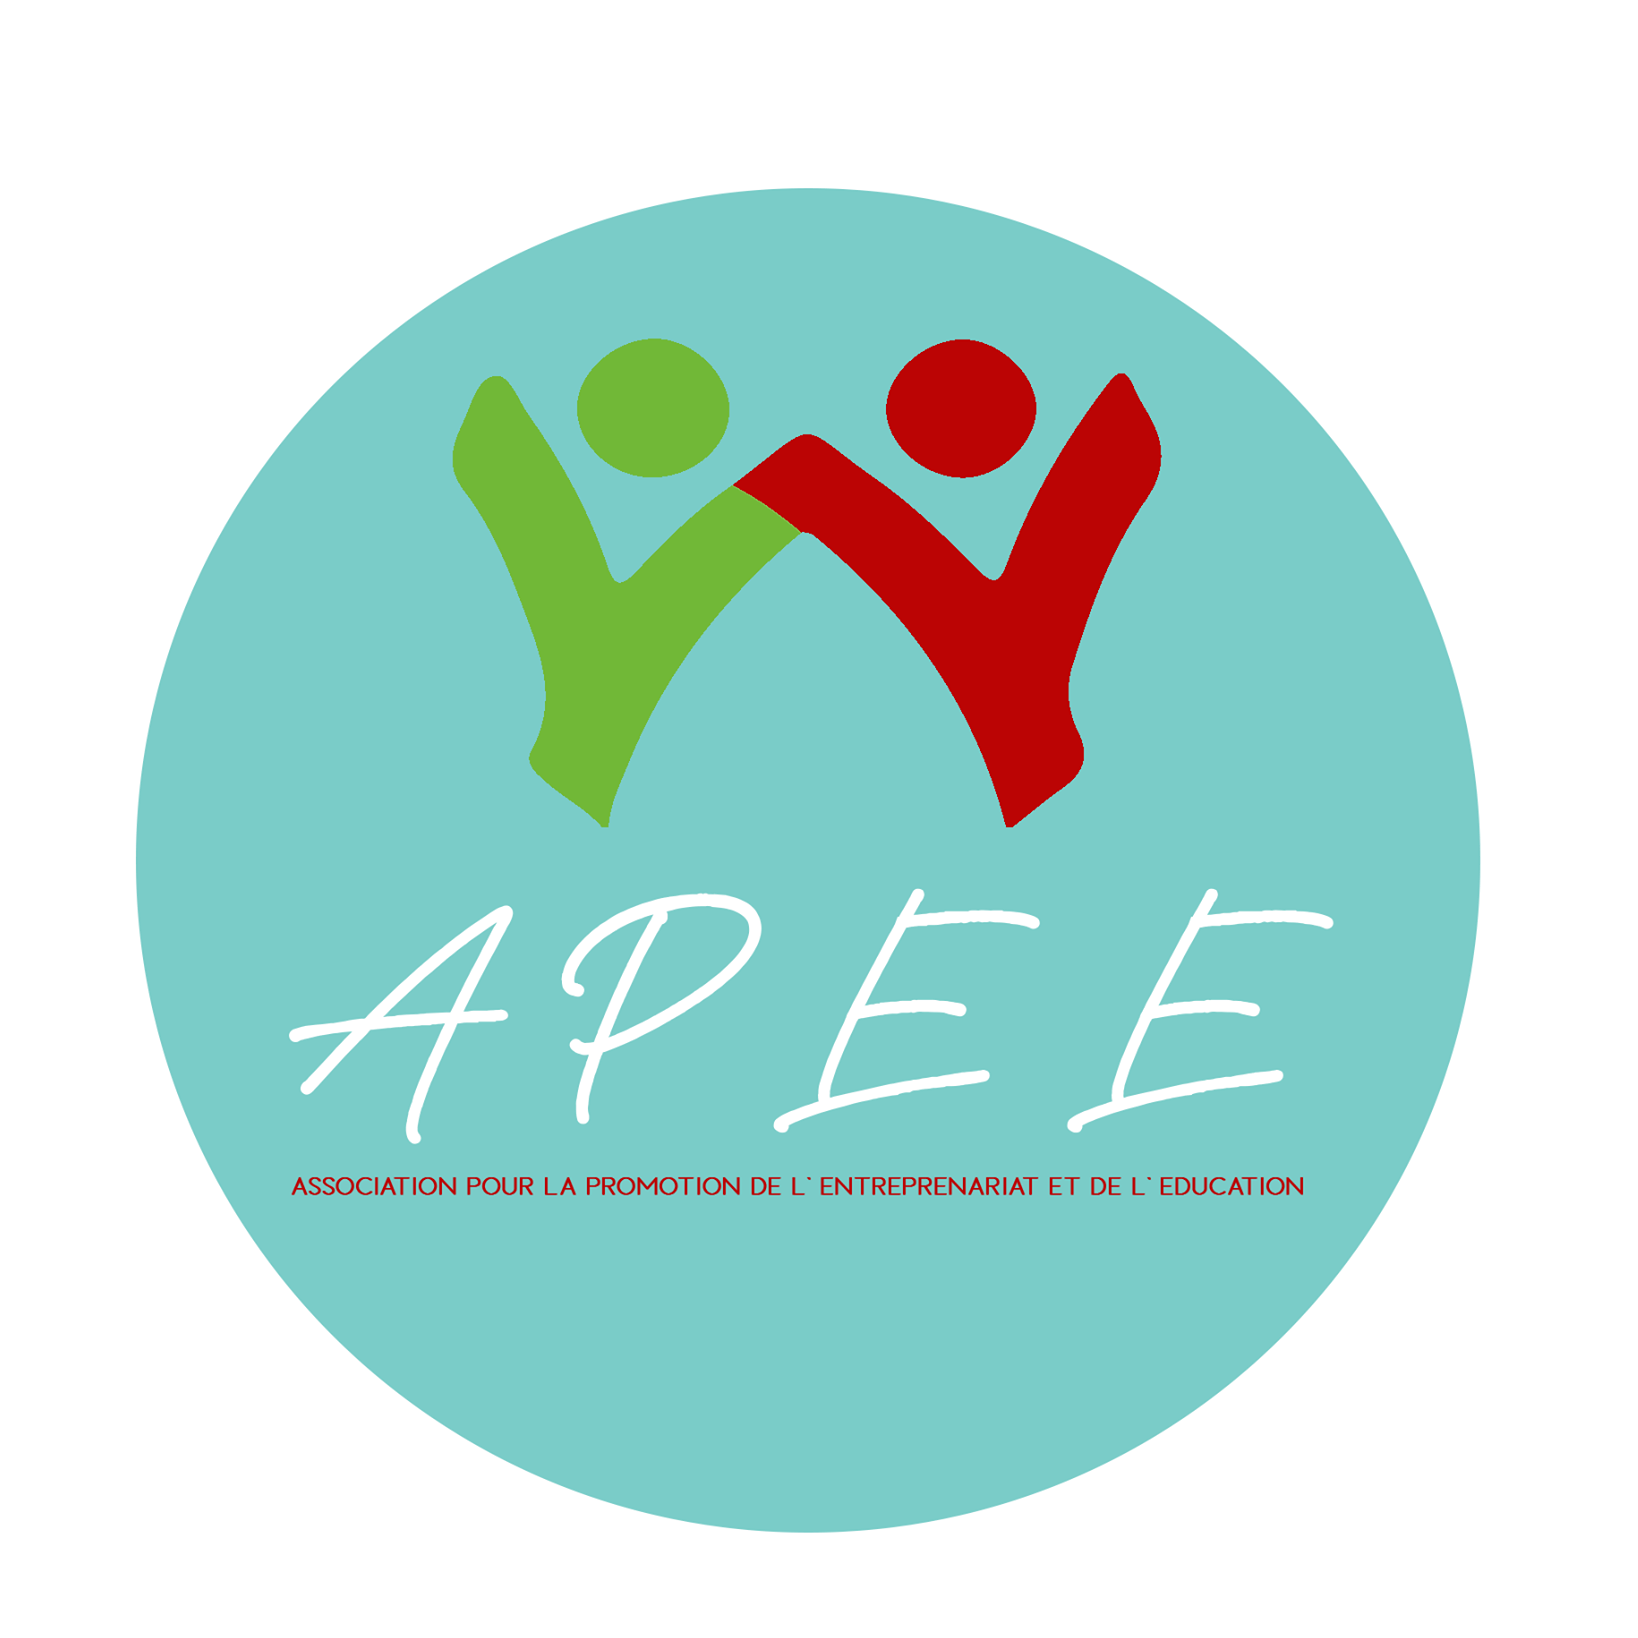 Association pour la Promotion de l'Entreprenariat et de l'Education internships in UK-wide, Bujumbura